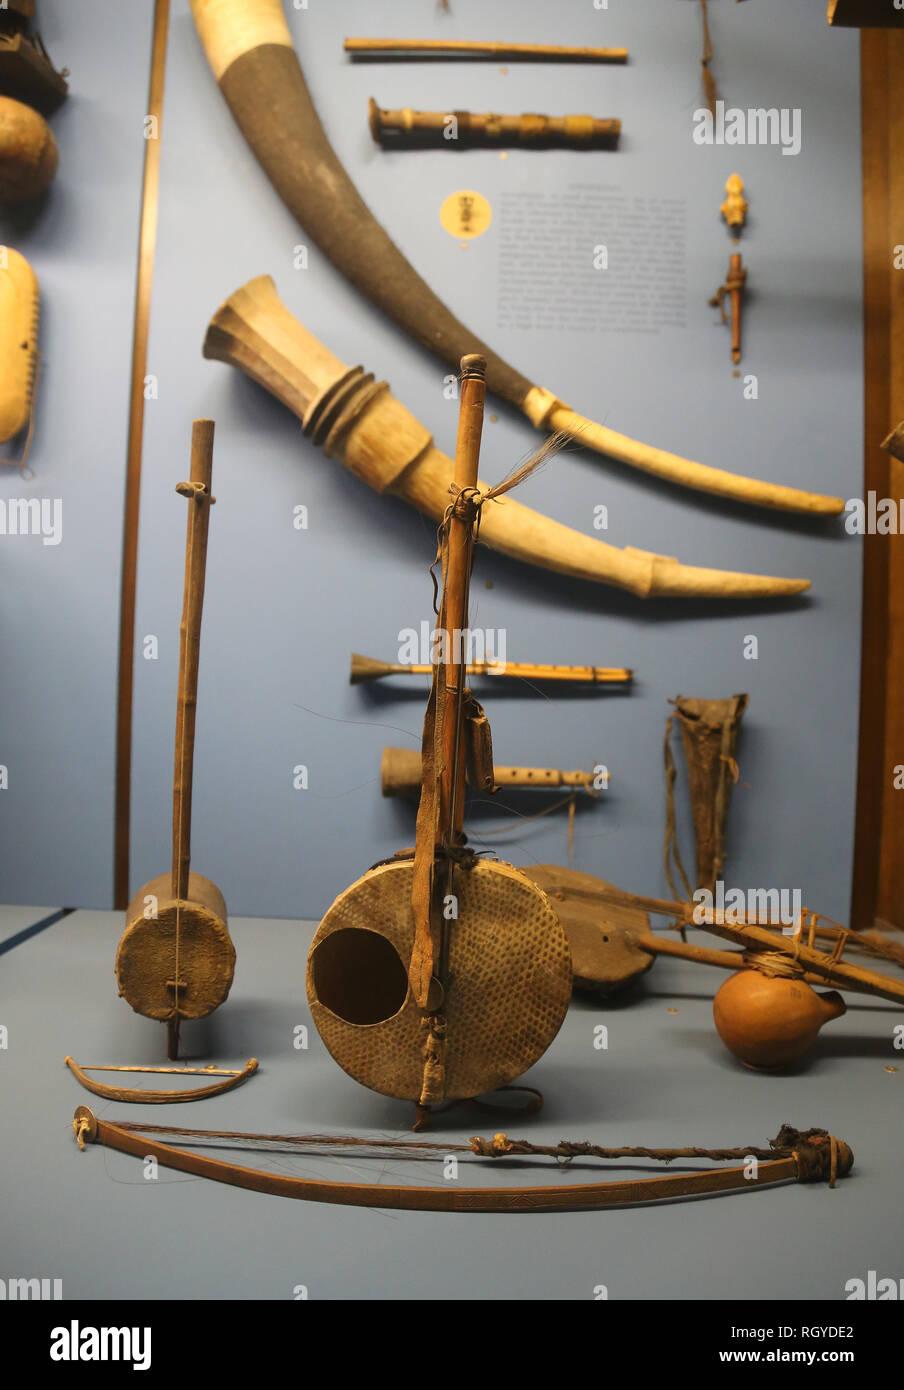 L'Africa. Strumenti musicali. Il Museo Americano di Storia Naturale. New York. Stati Uniti. Immagini Stock